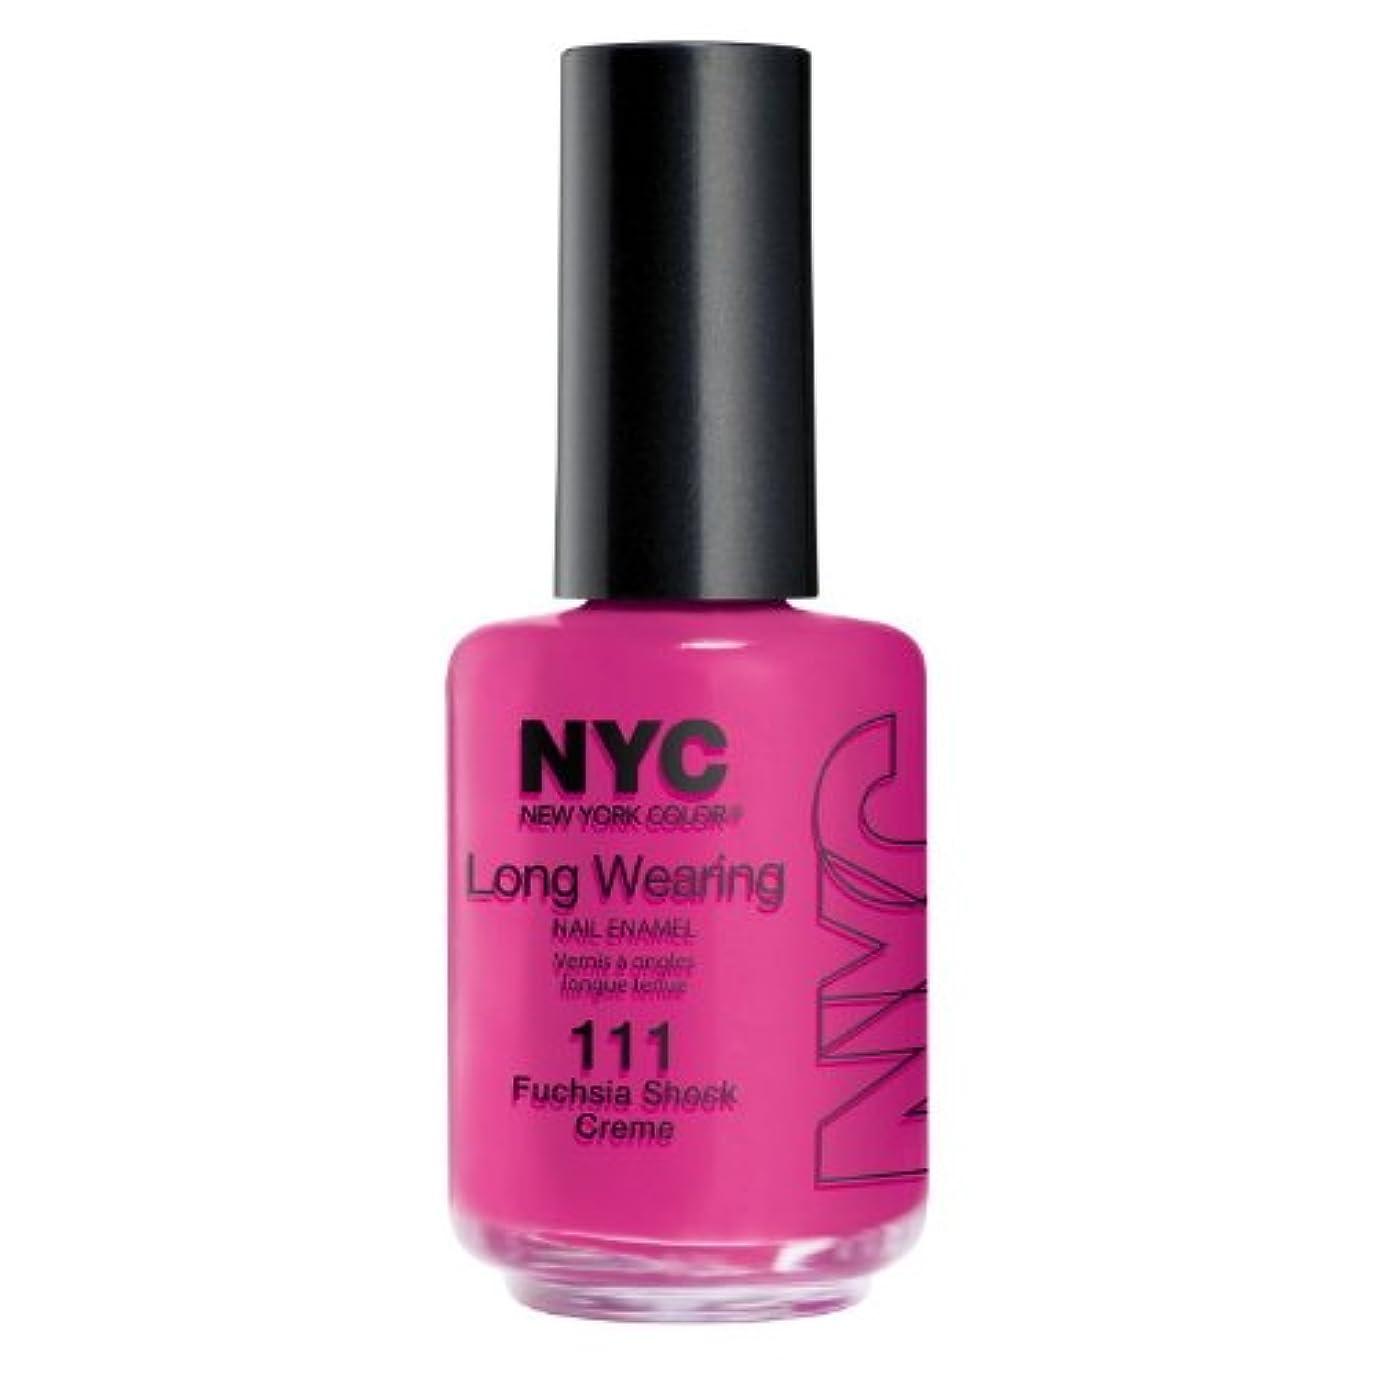 ファントム無駄な旋回(6 Pack) NYC Long Wearing Nail Enamel - Fuchisia Shock Creme (並行輸入品)